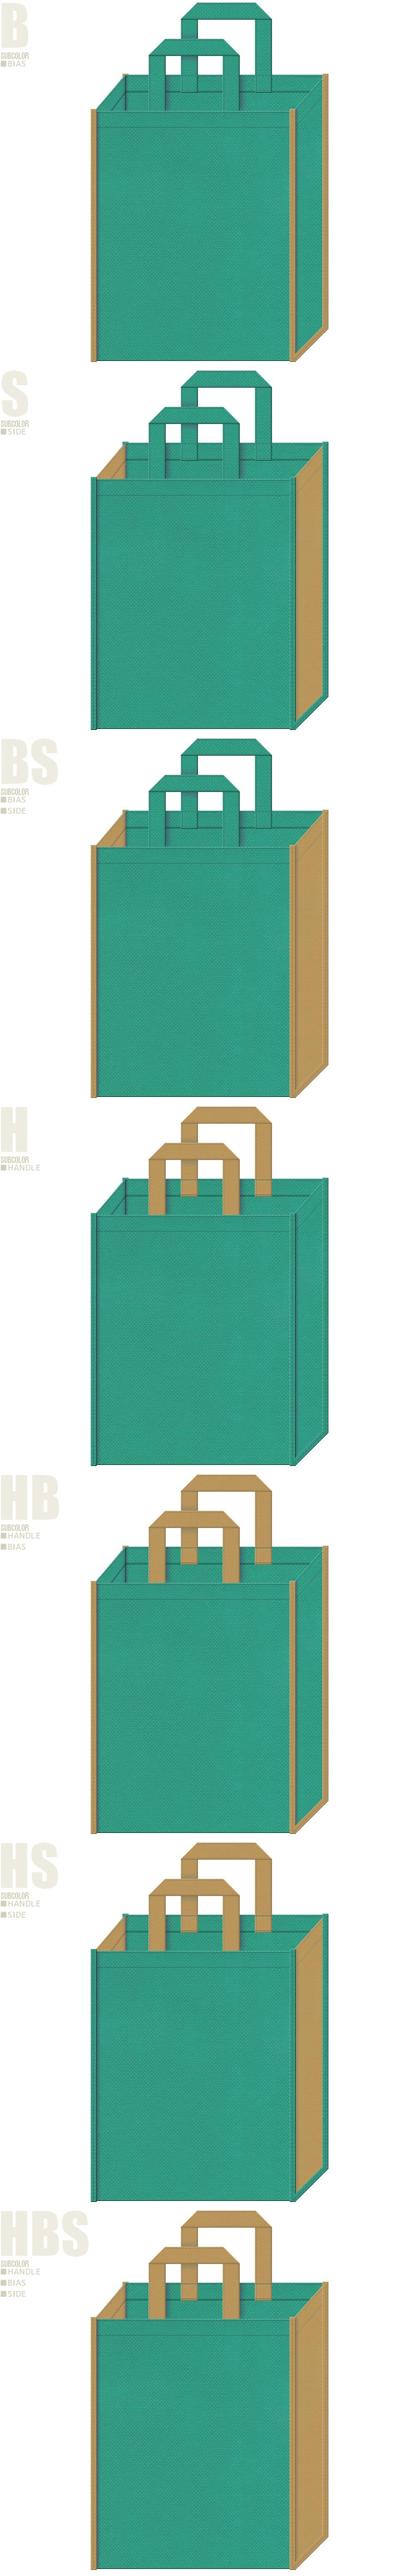 青緑色と金色系黄土色、7パターンの不織布トートバッグ配色デザイン例。